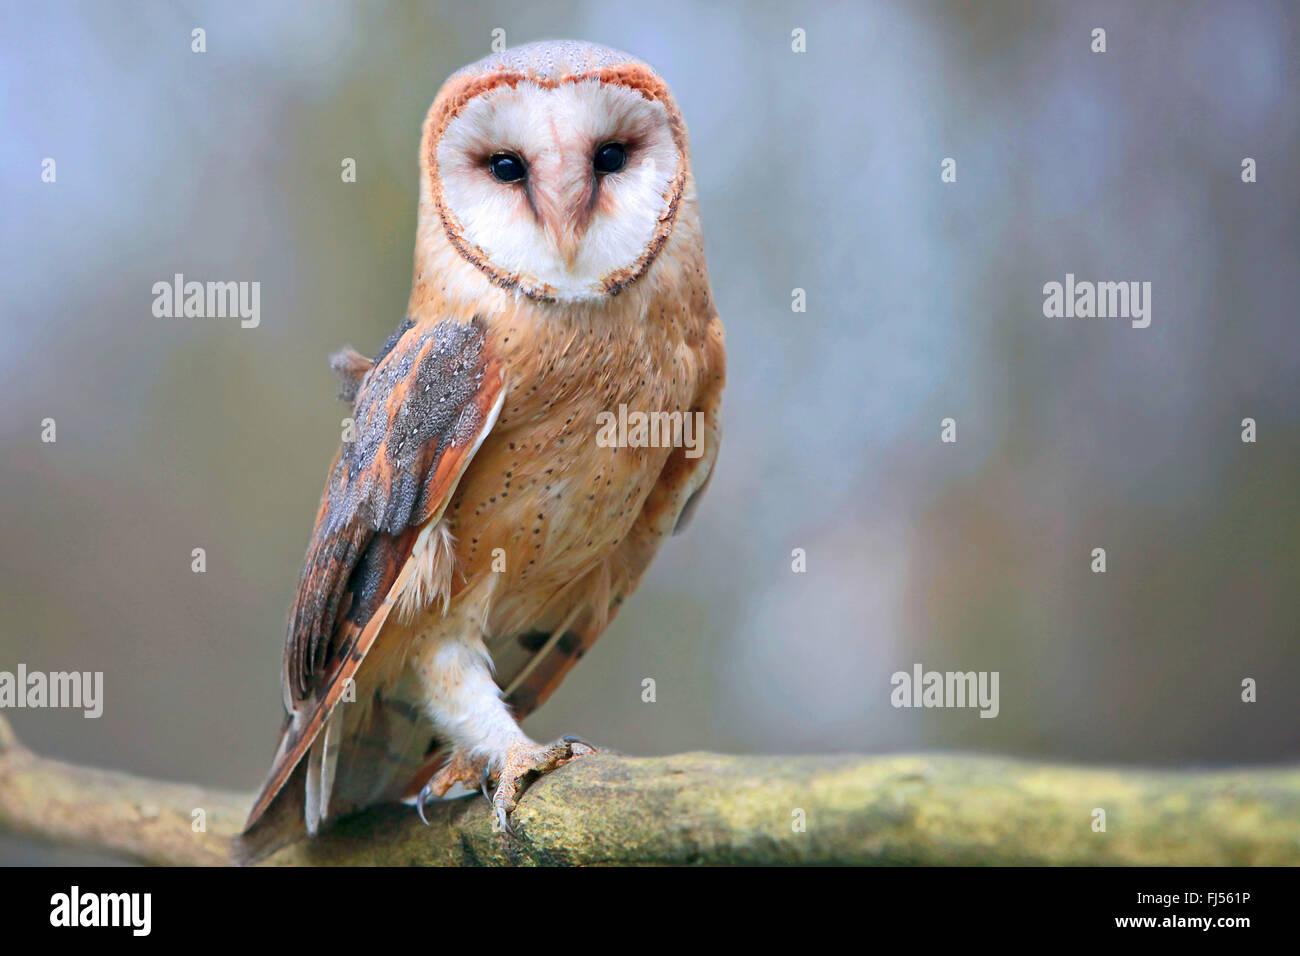 Schleiereule (Tyto Alba), auf einem Ast, Niederbayern, Niederbayern, Bayern, Deutschland Stockbild